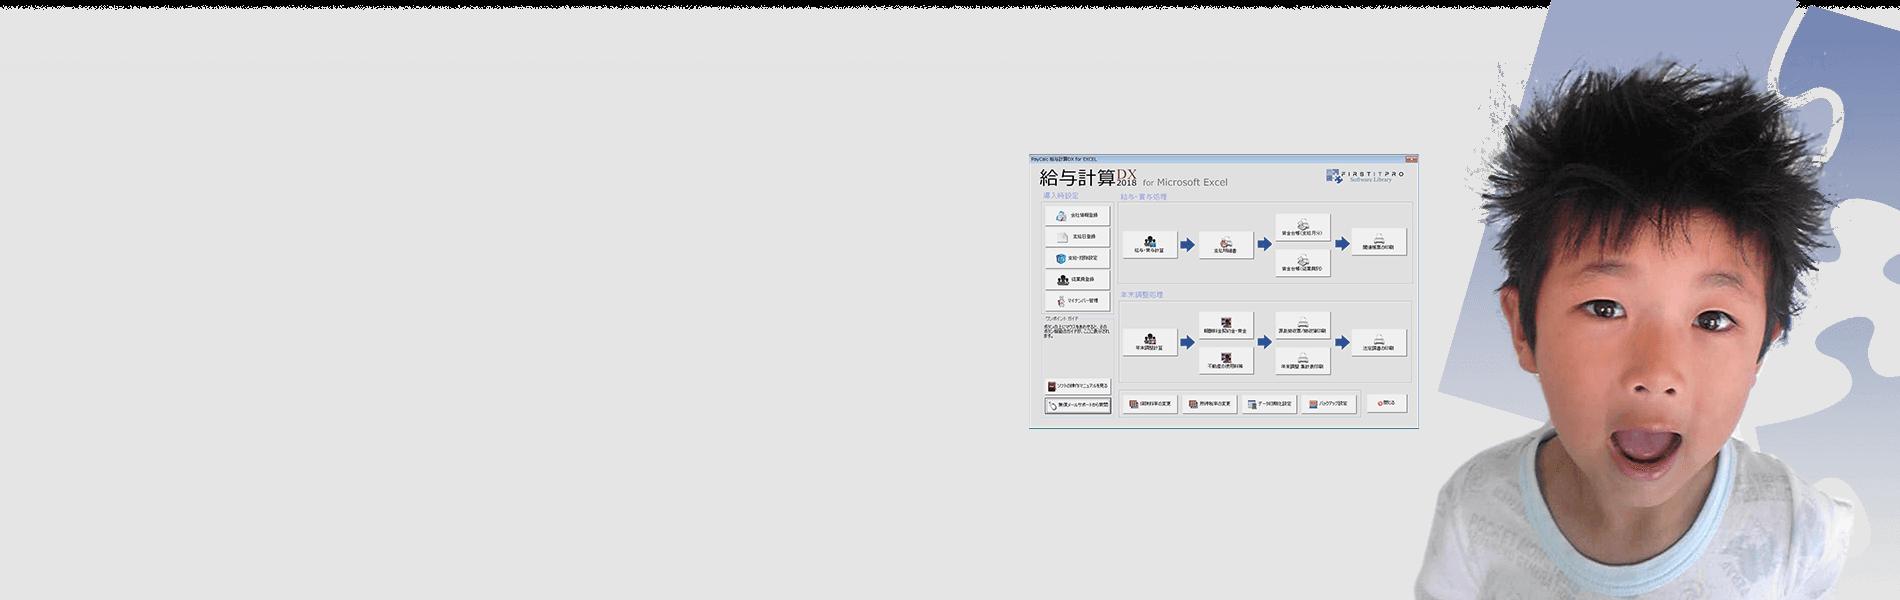 給与計算ソフトのFIRSTITPRO